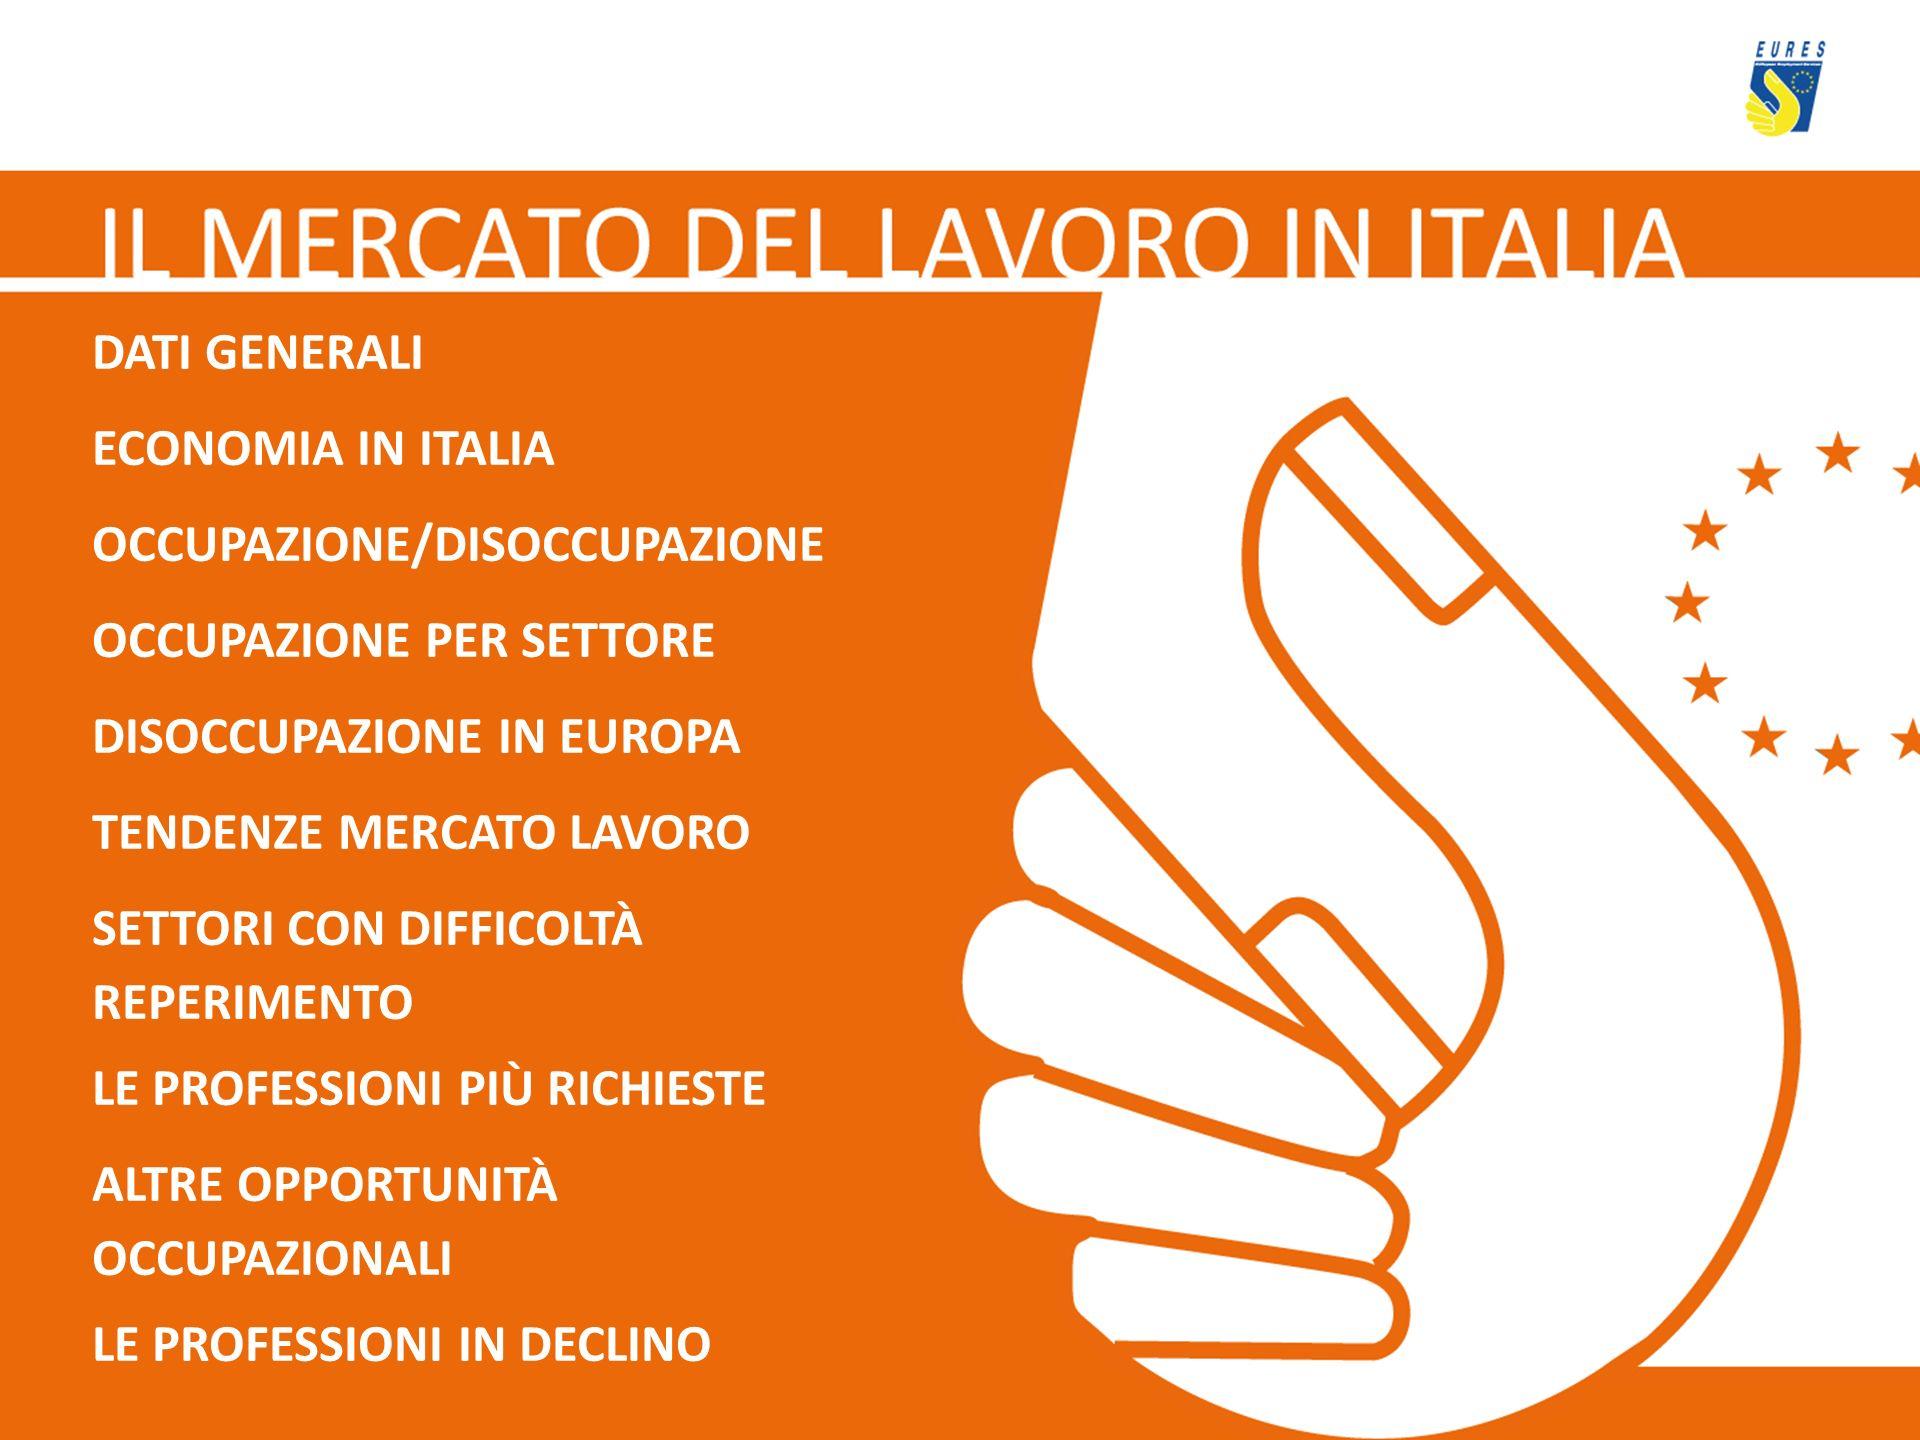 DATI GENERALI ECONOMIA IN ITALIA. OCCUPAZIONE/DISOCCUPAZIONE. OCCUPAZIONE PER SETTORE. DISOCCUPAZIONE IN EUROPA.